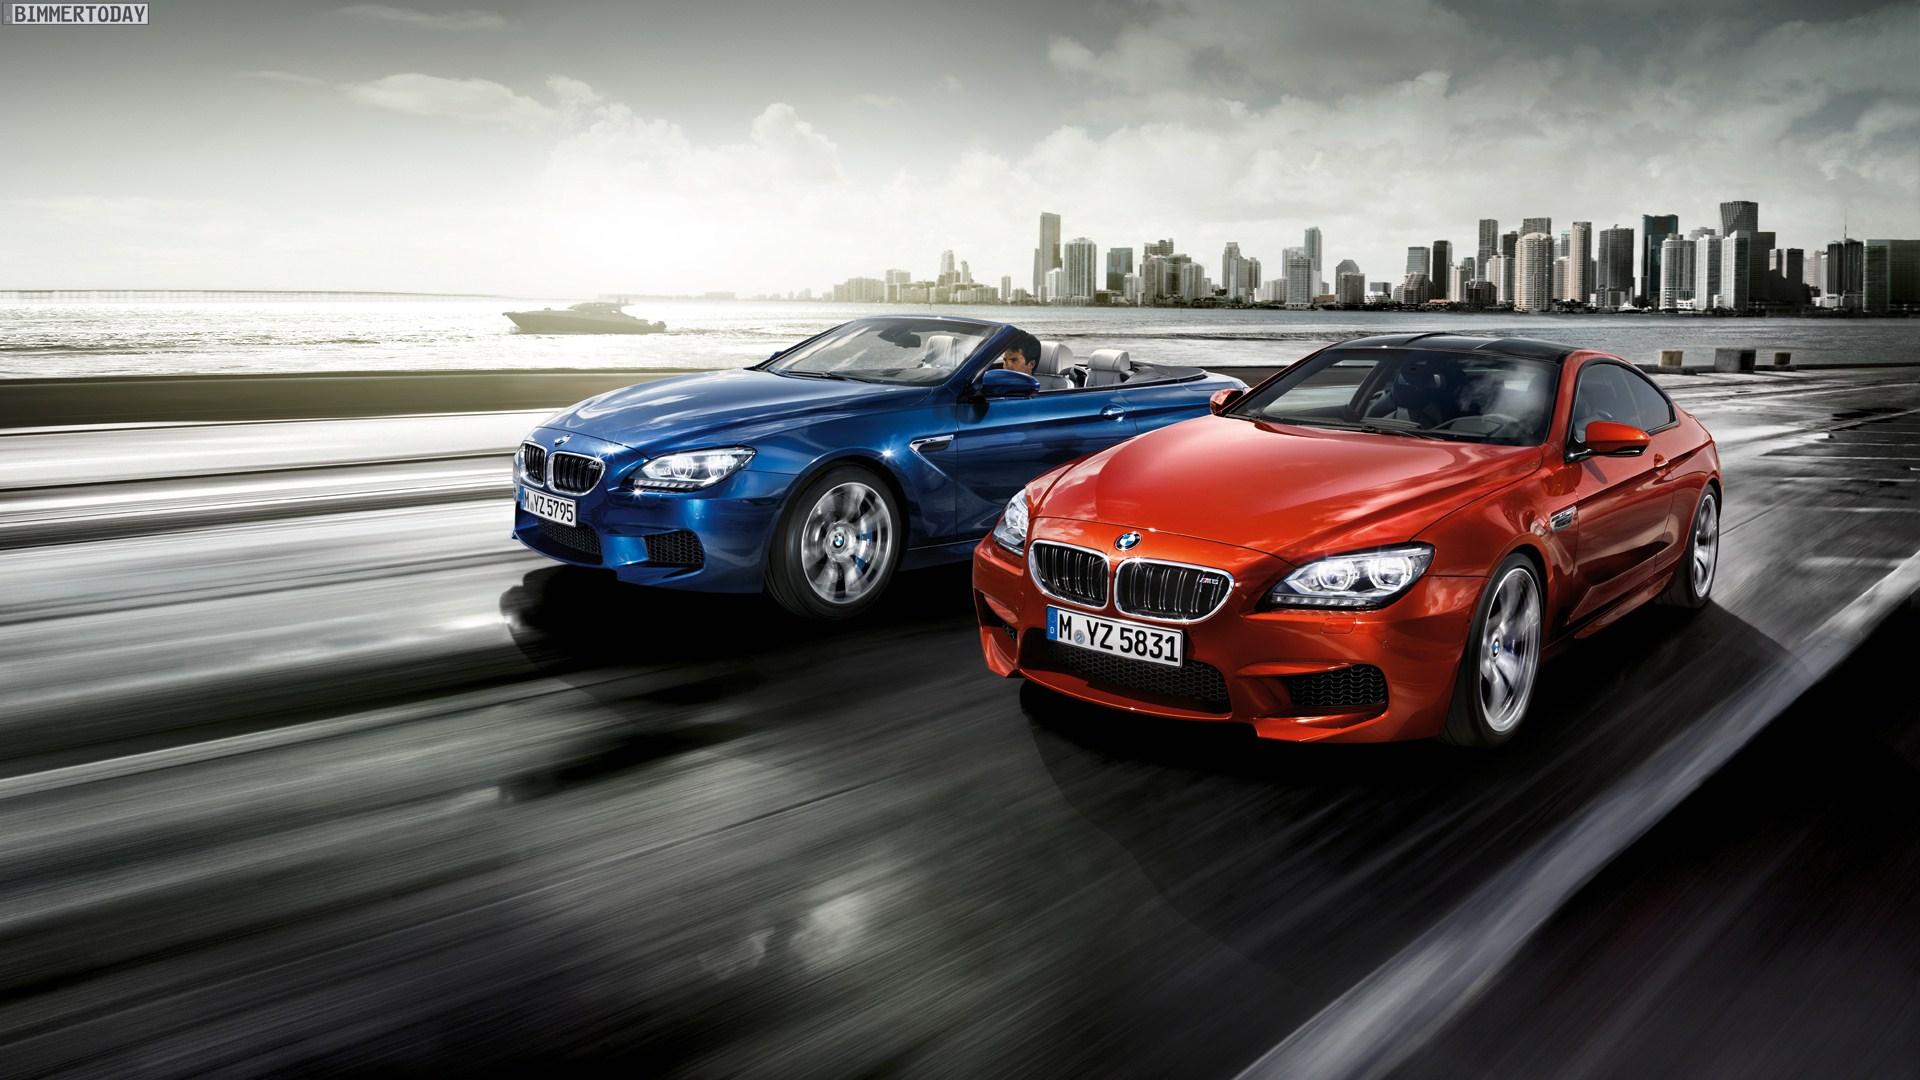 BMW M6 дорога осень  № 2445222 загрузить